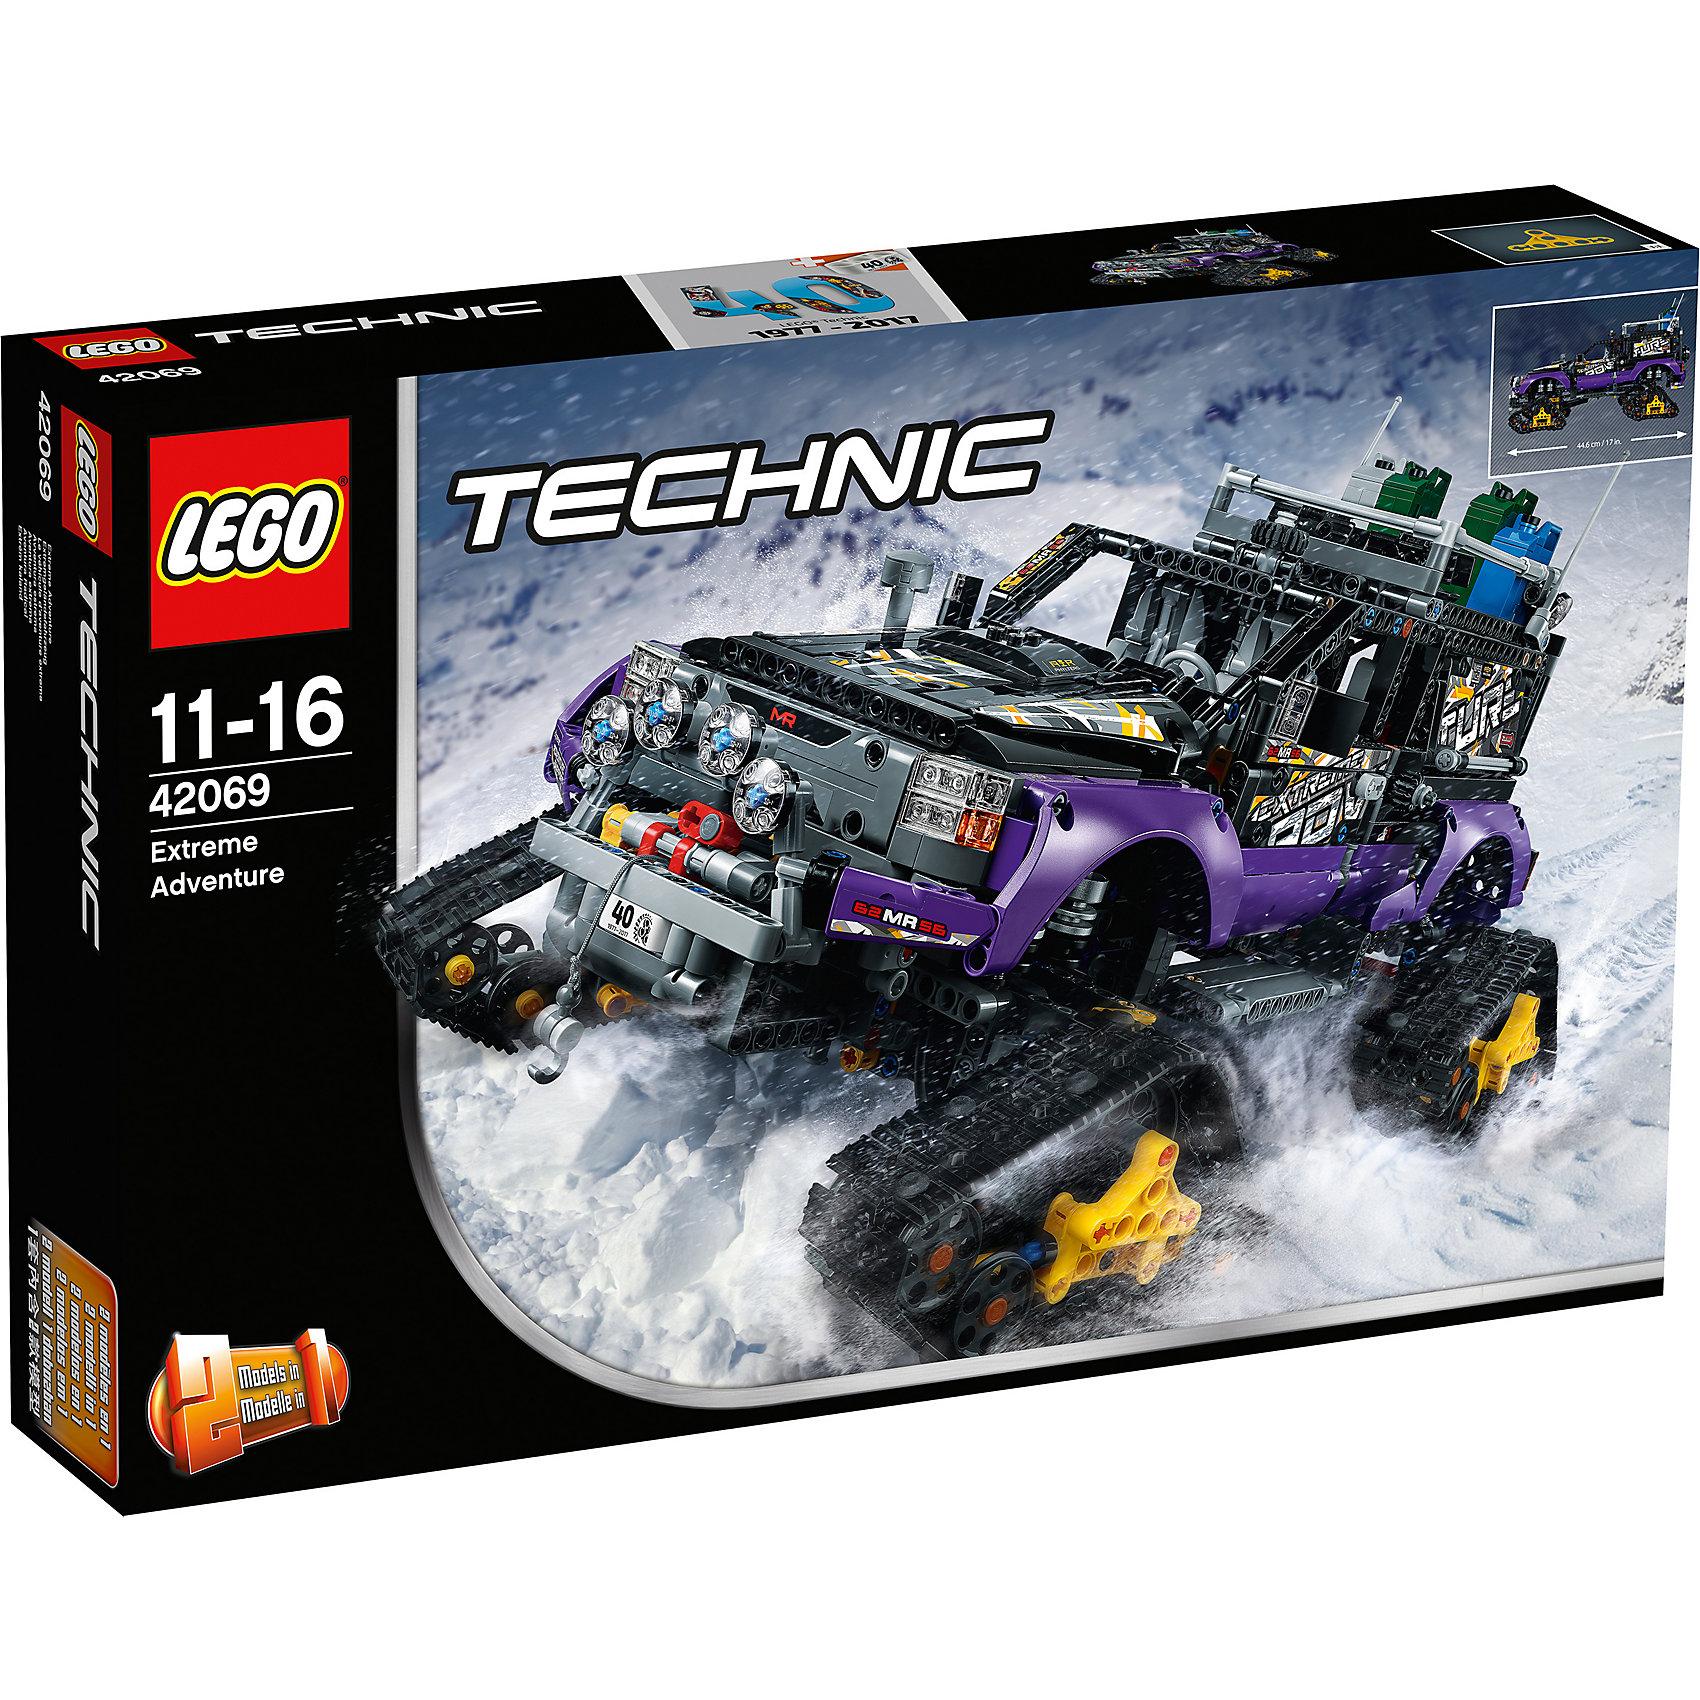 LEGO Technic 42069: Экстремальные приключенияПластмассовые конструкторы<br><br><br>Ширина мм: 584<br>Глубина мм: 375<br>Высота мм: 114<br>Вес г: 2992<br>Возраст от месяцев: 132<br>Возраст до месяцев: 192<br>Пол: Мужской<br>Возраст: Детский<br>SKU: 5619964